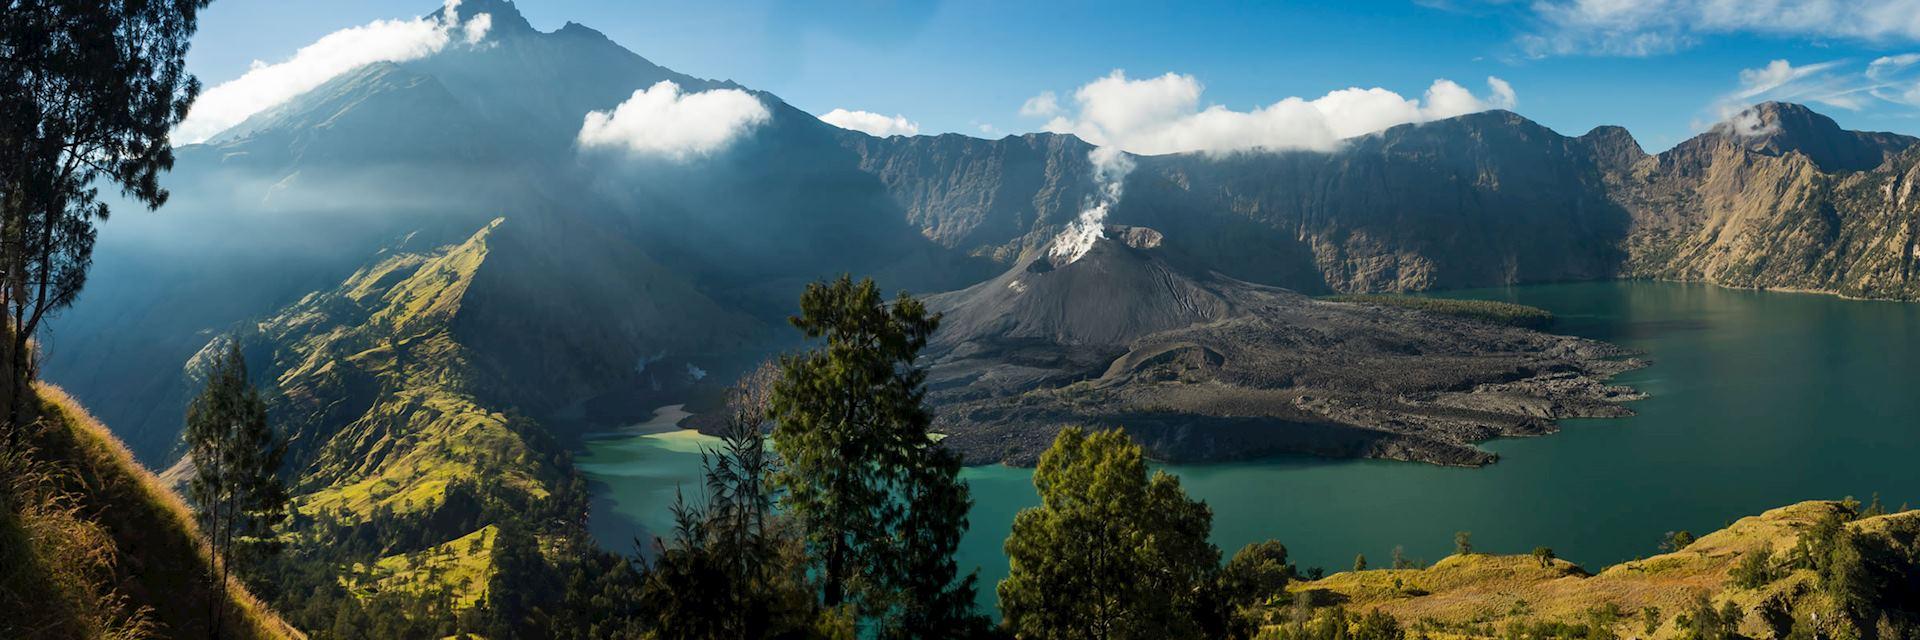 Resultado de imagen de lombok